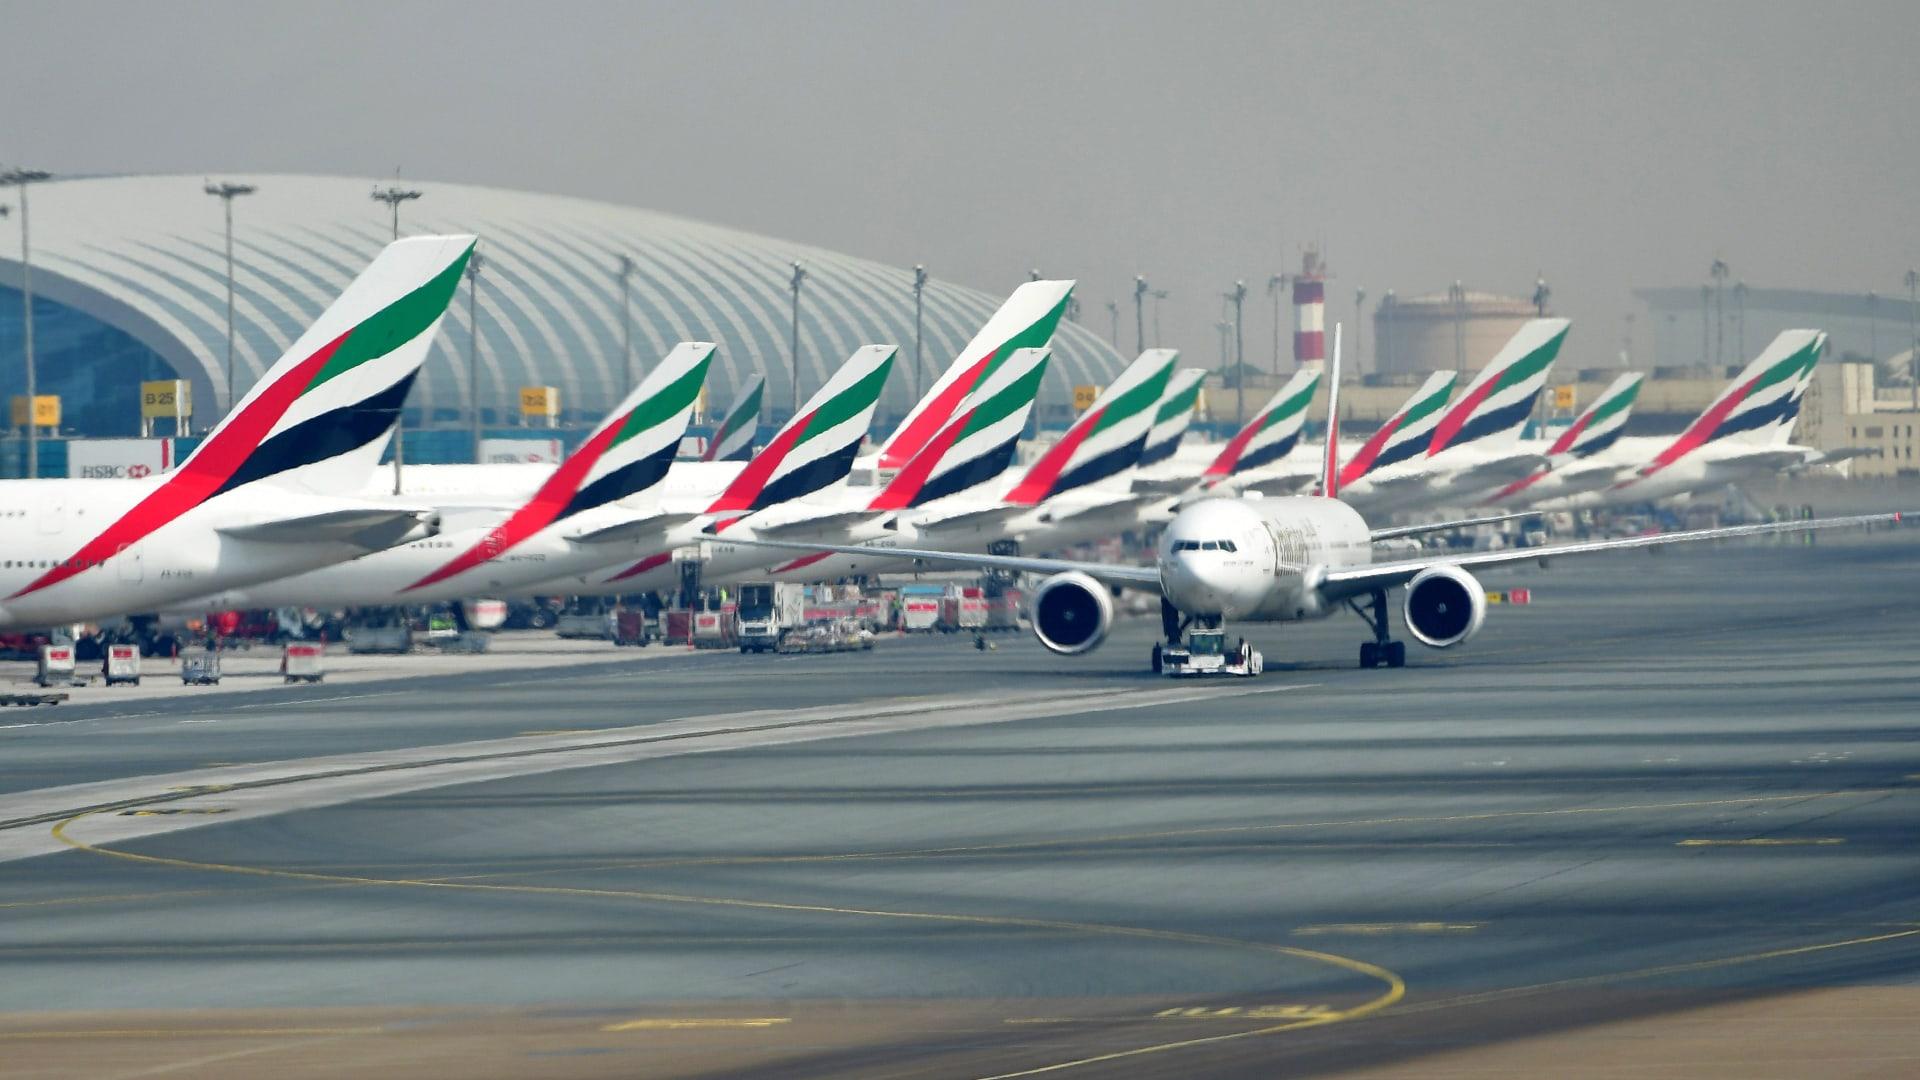 طيران الإمارات والاتحاد تعلقان السفر من وإلى السعودية والكويت وعمان